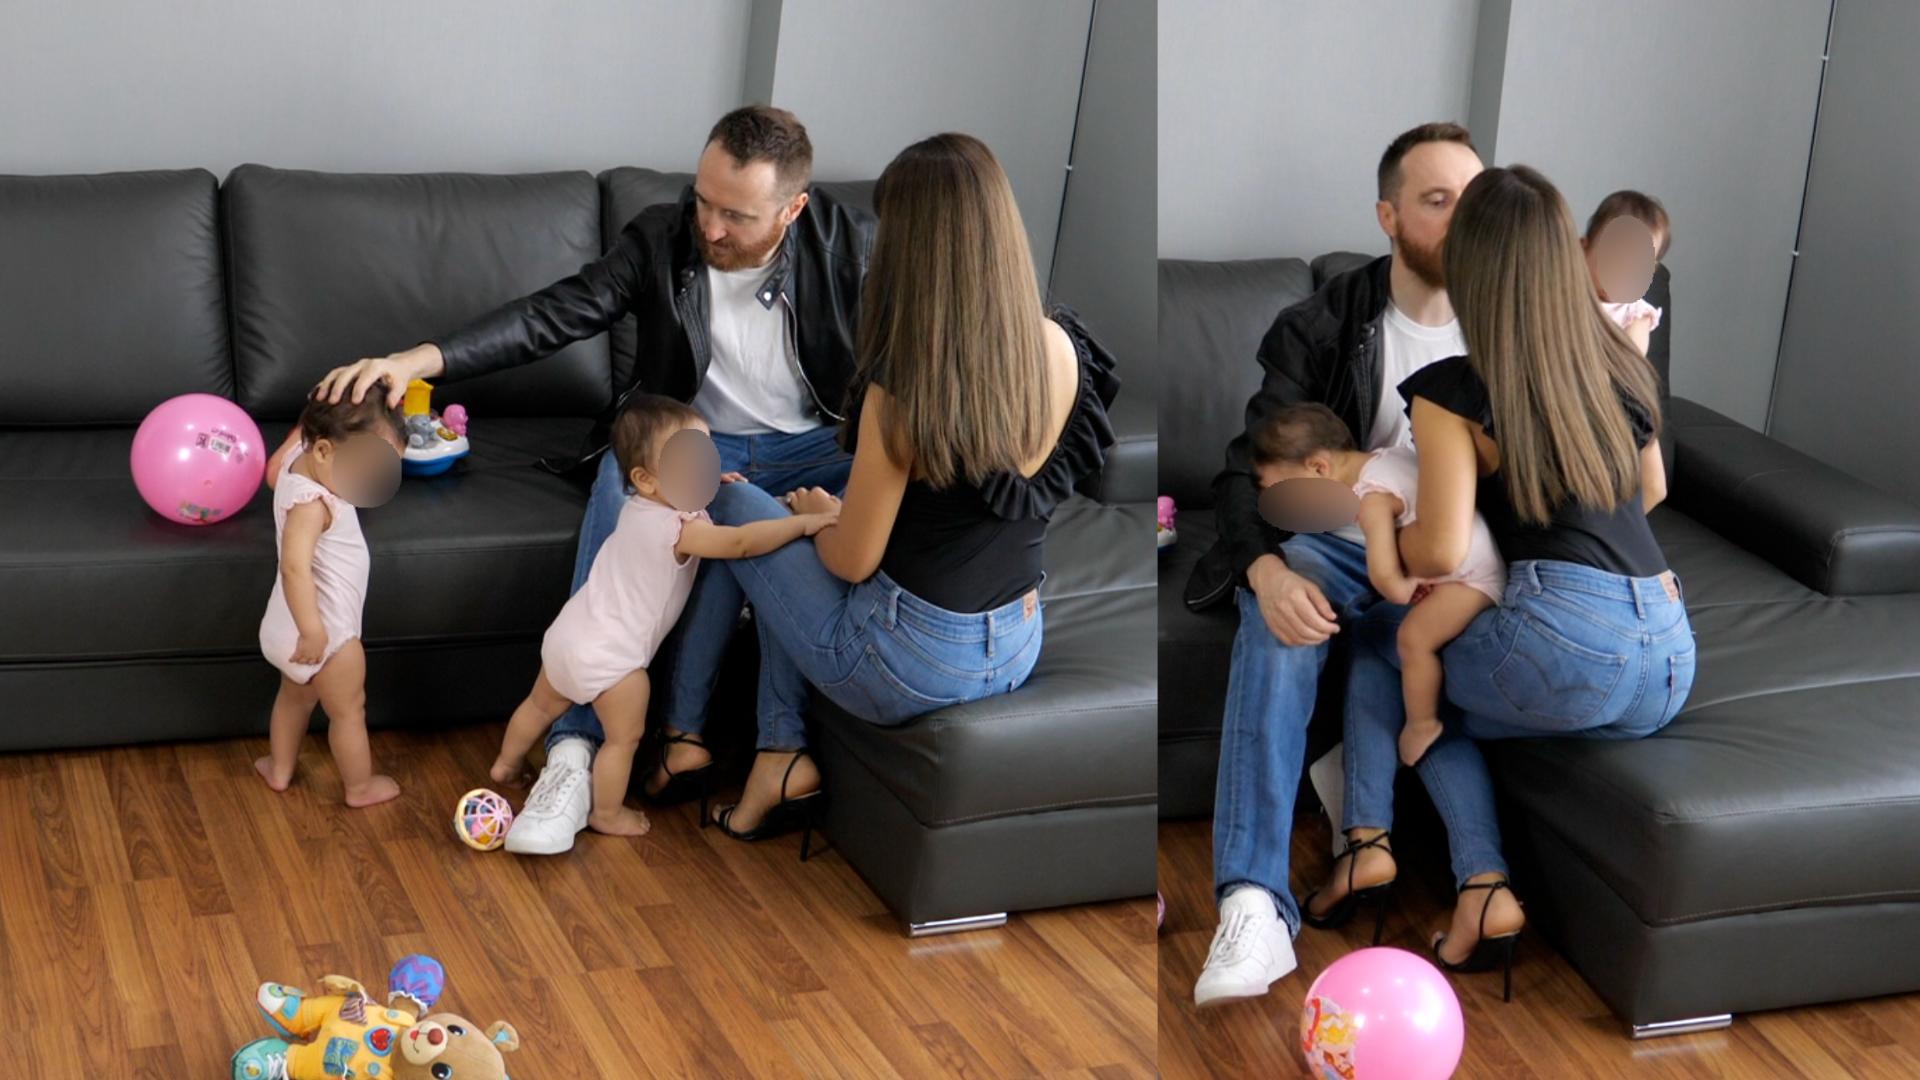 Dan Bacon - wife and twin girls